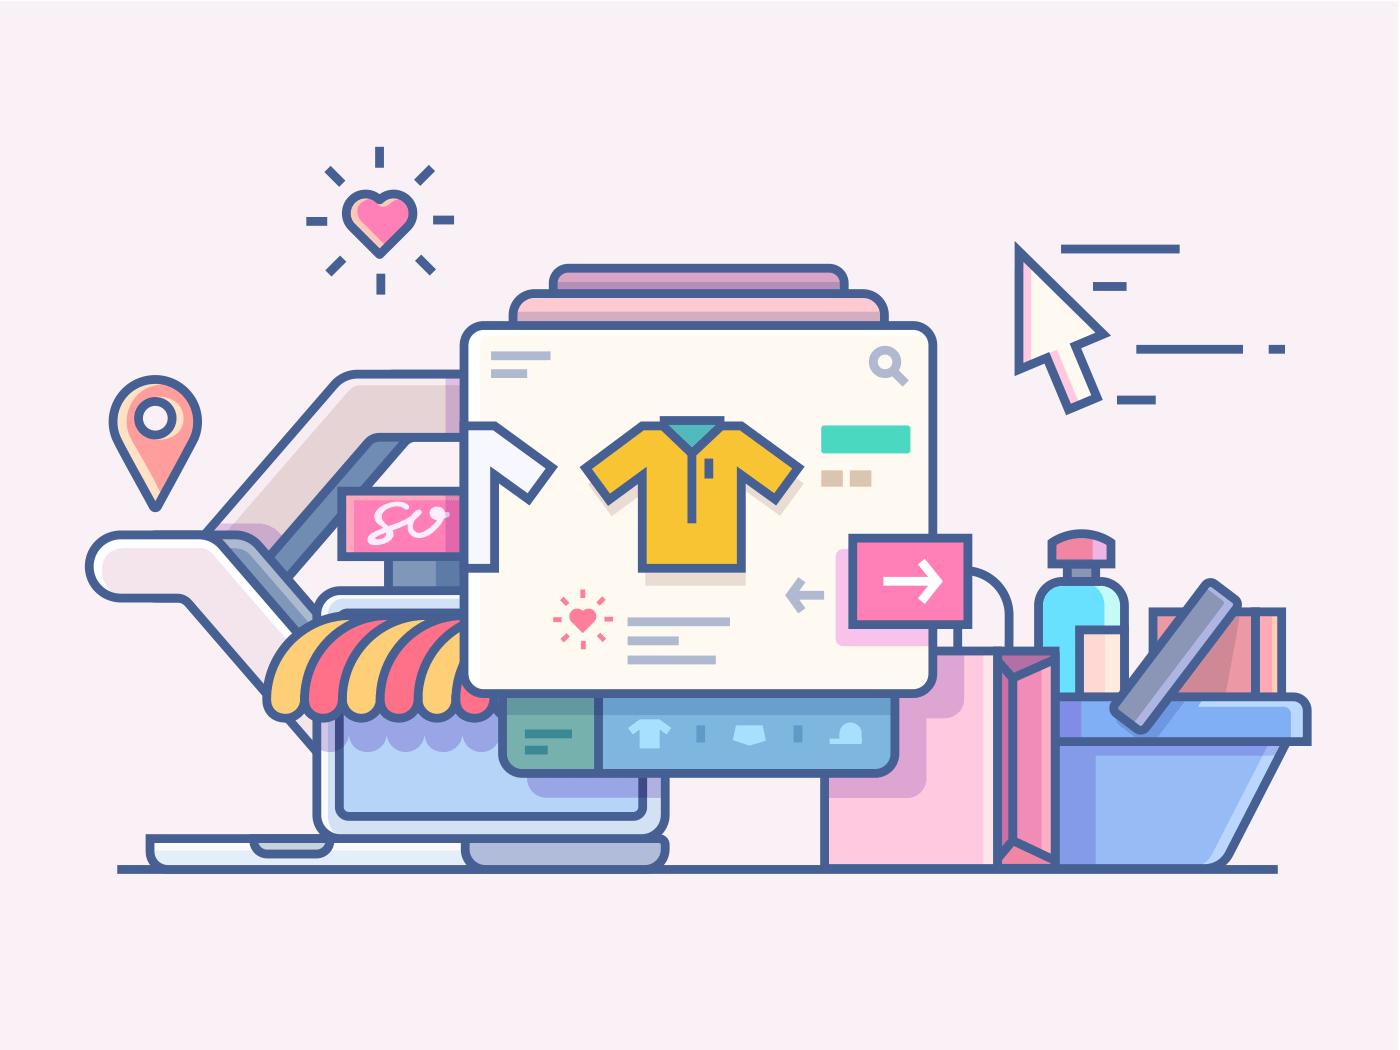 Shop online line vector illustration